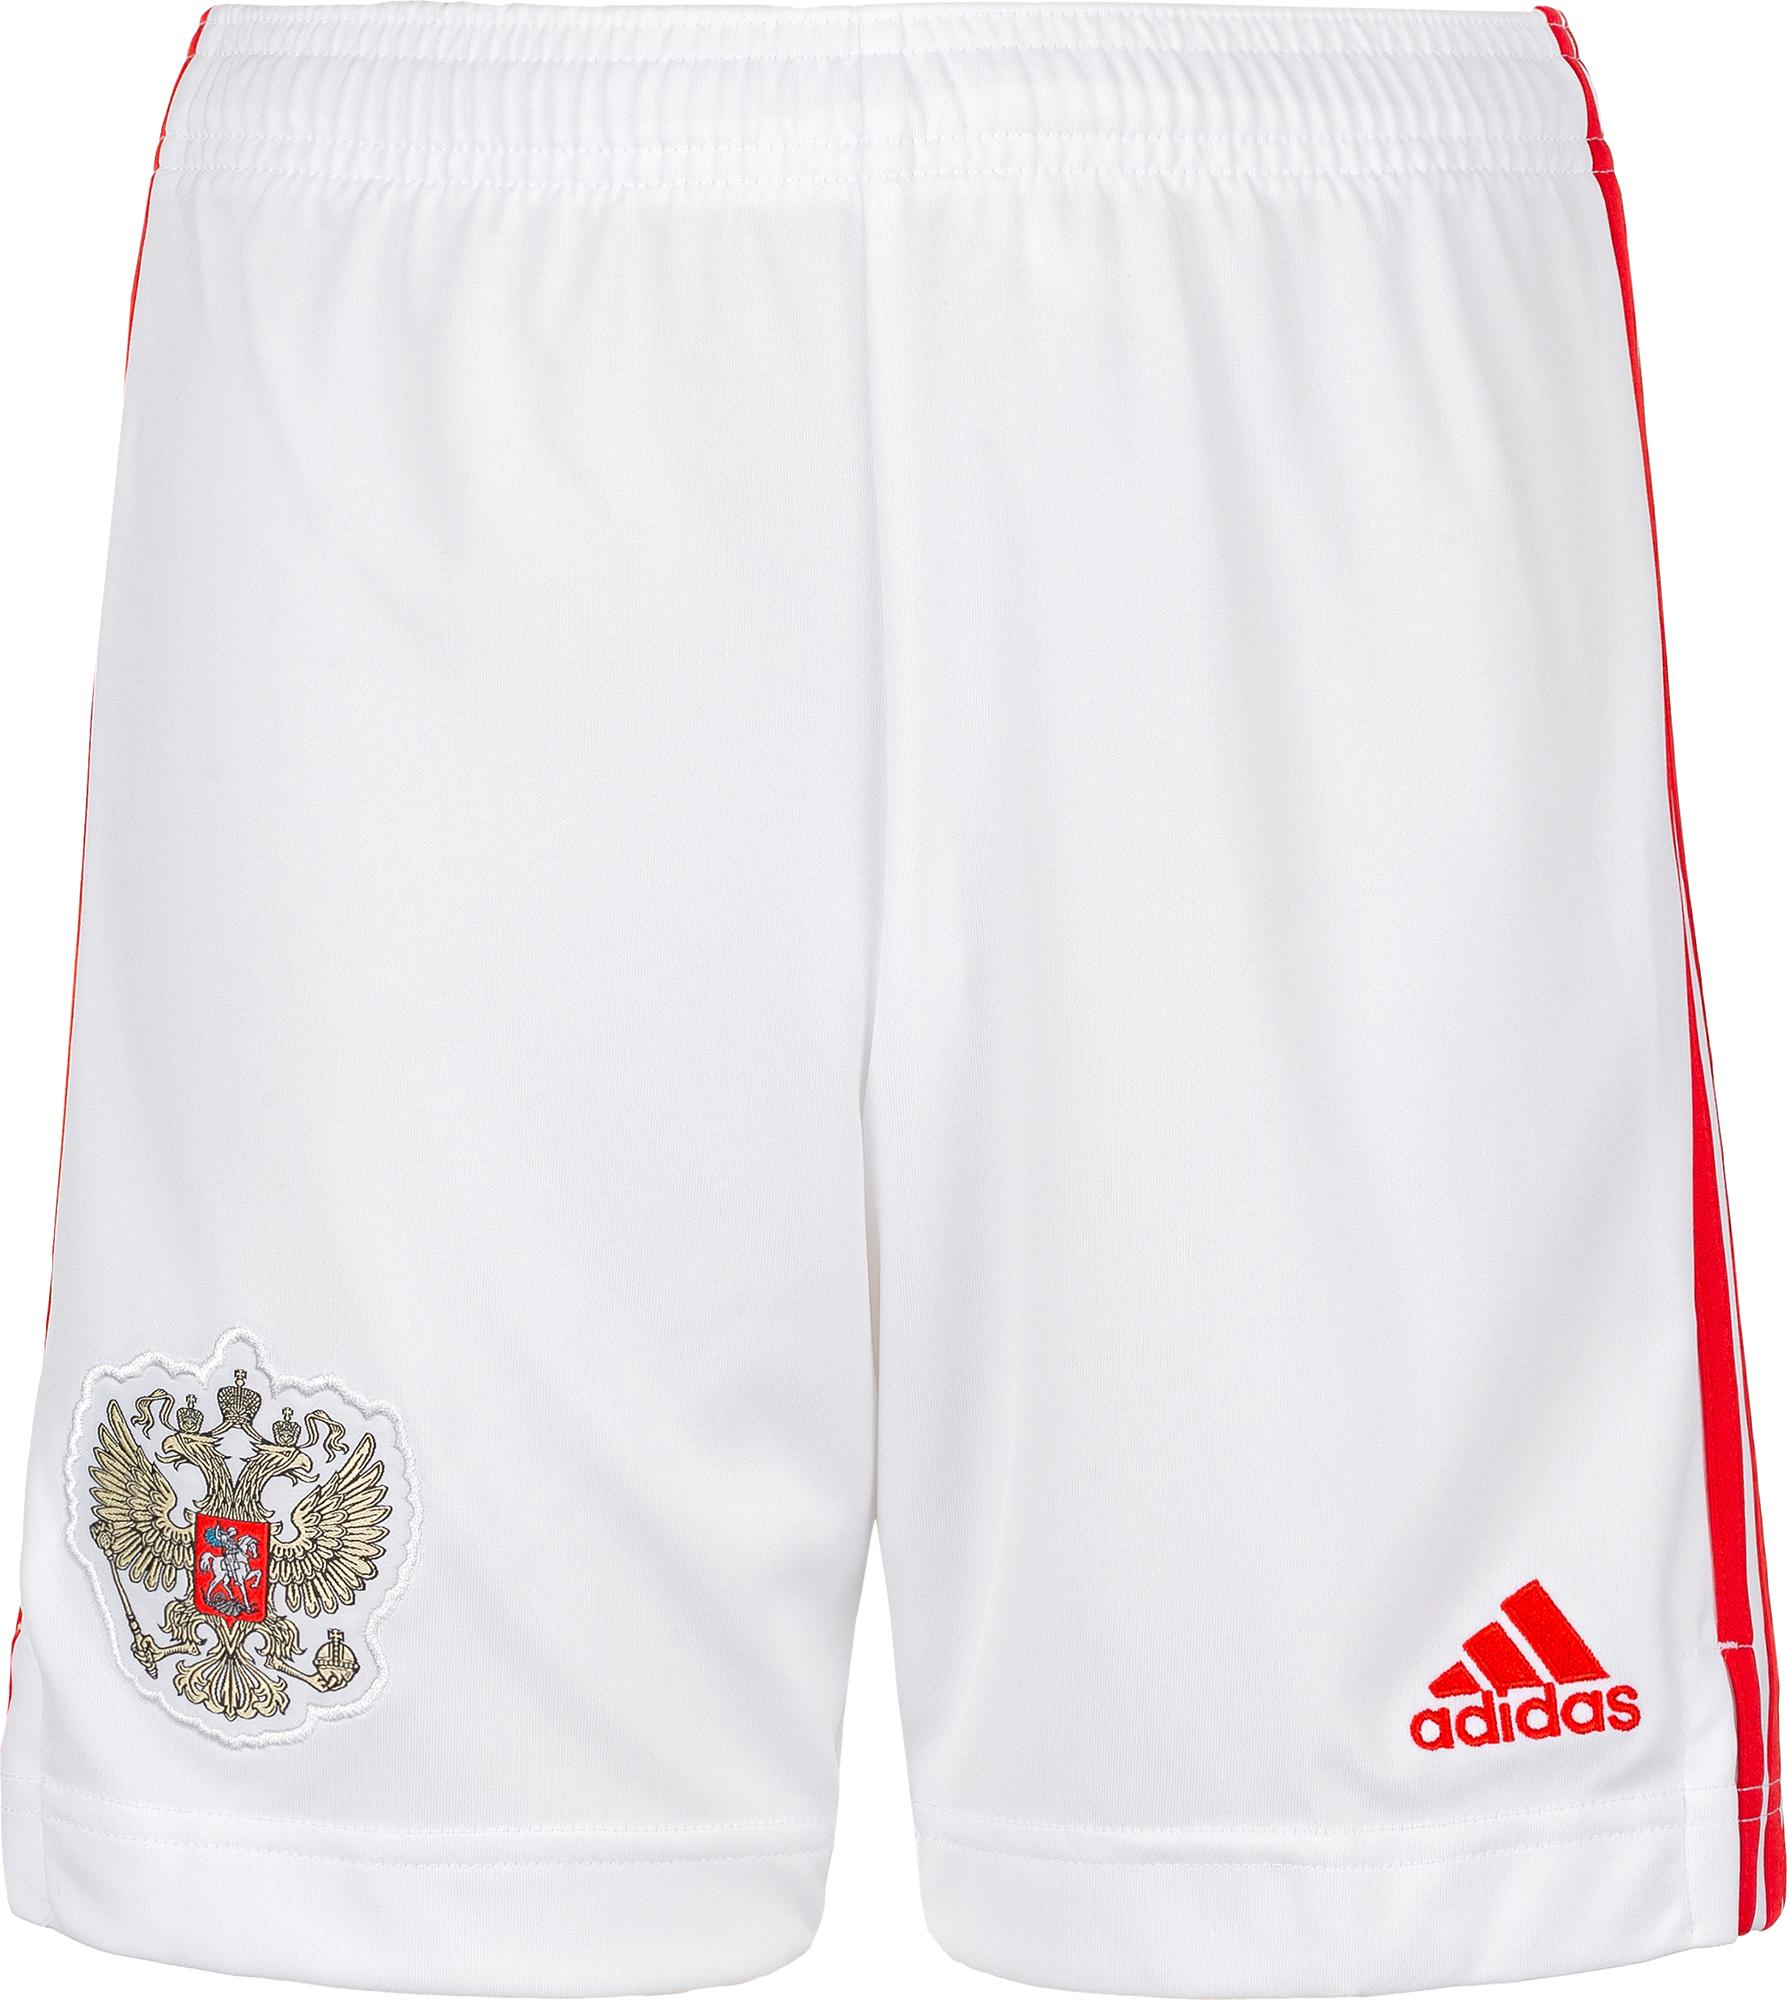 Adidas Домашняя форма сборной России для мальчиков, Adidas, размер 176